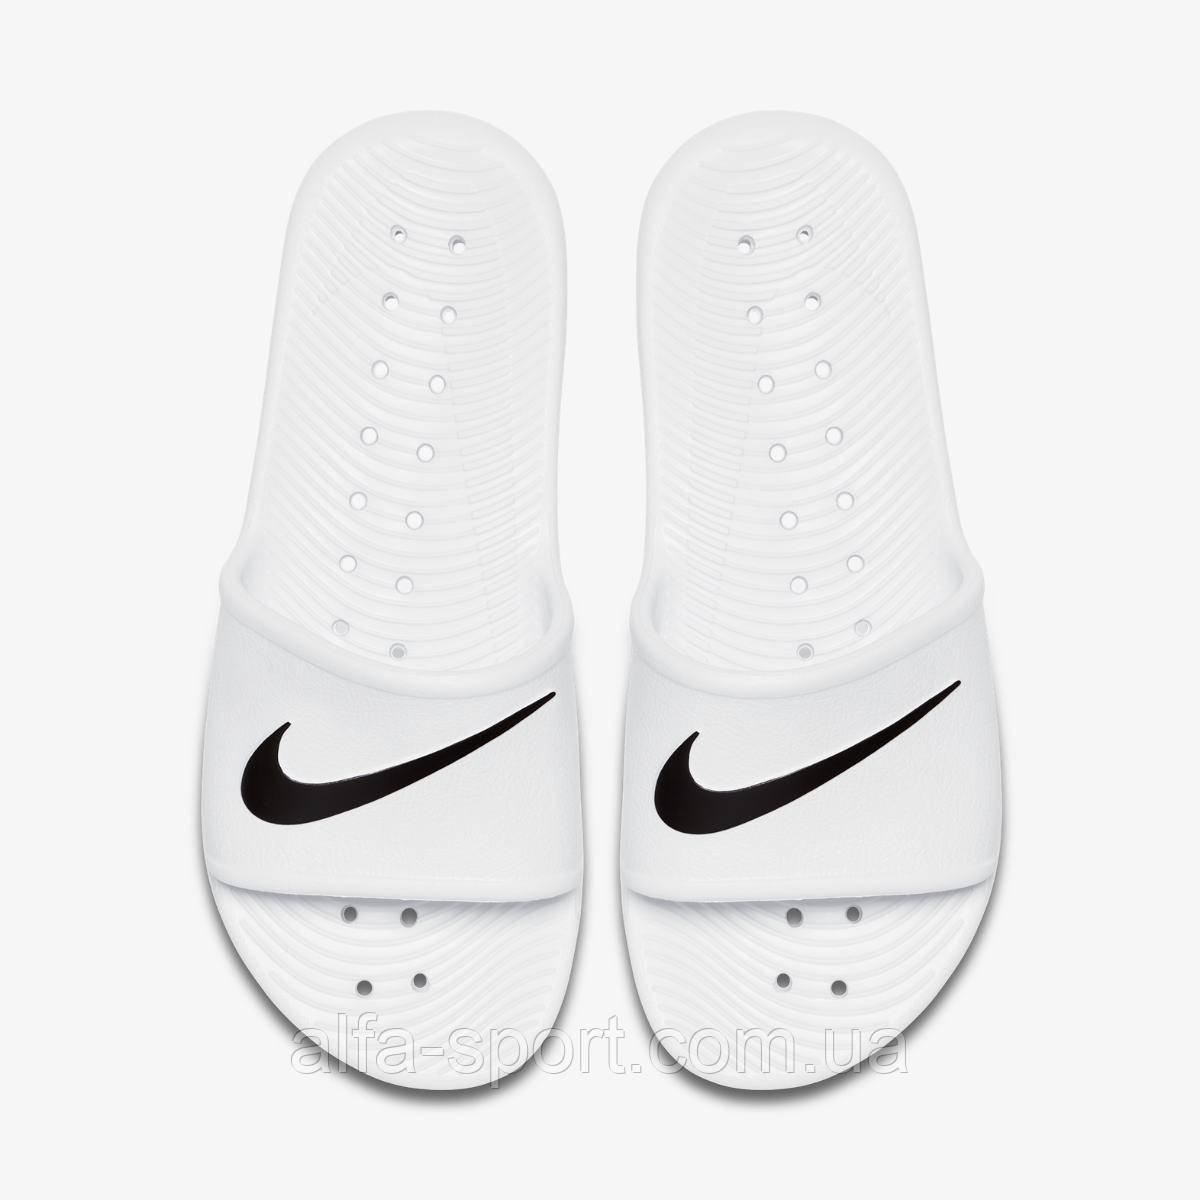 e1ed1319 Сланцы Nike Wmns Kawa Shower (832655-100), цена 680 грн., купить в Харькове  — Prom.ua (ID#906387341)